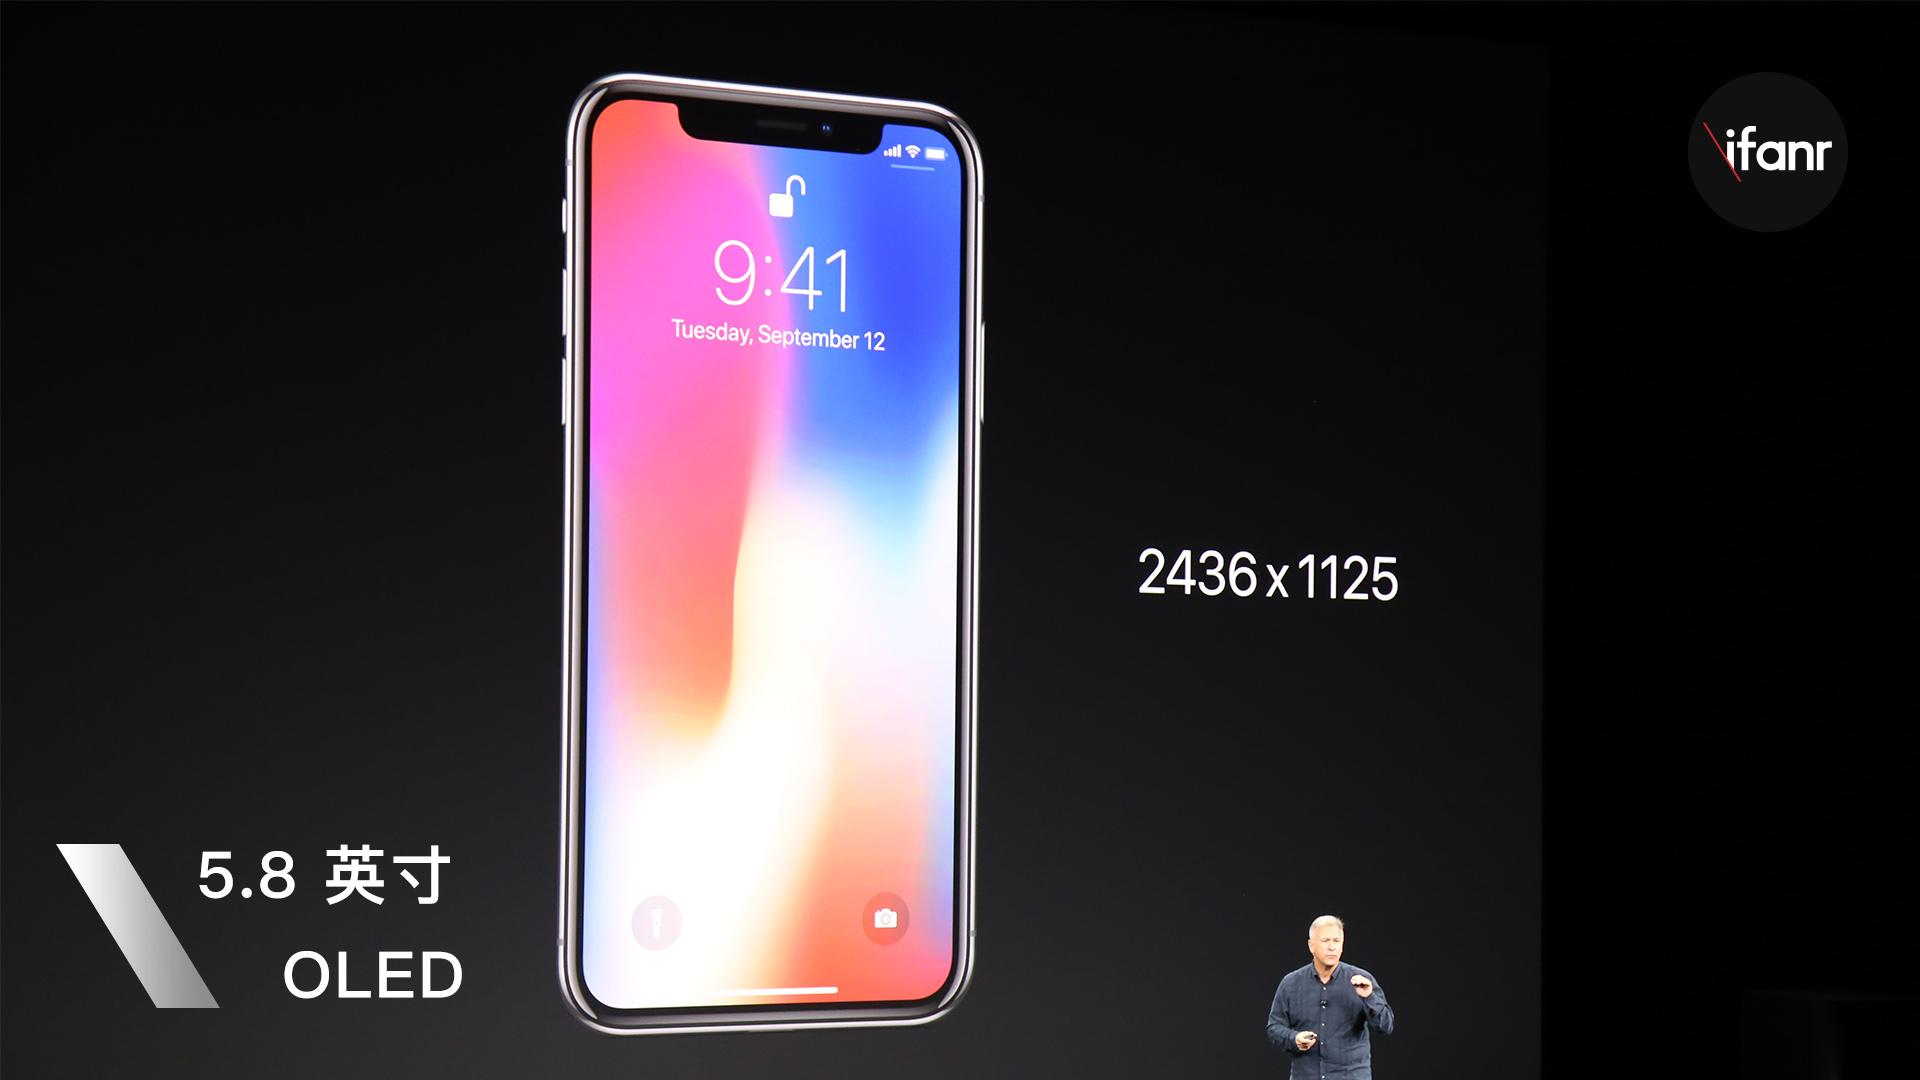 苹果iPhone发布会超全记录:iPhone X技术颠覆,价格贵哭